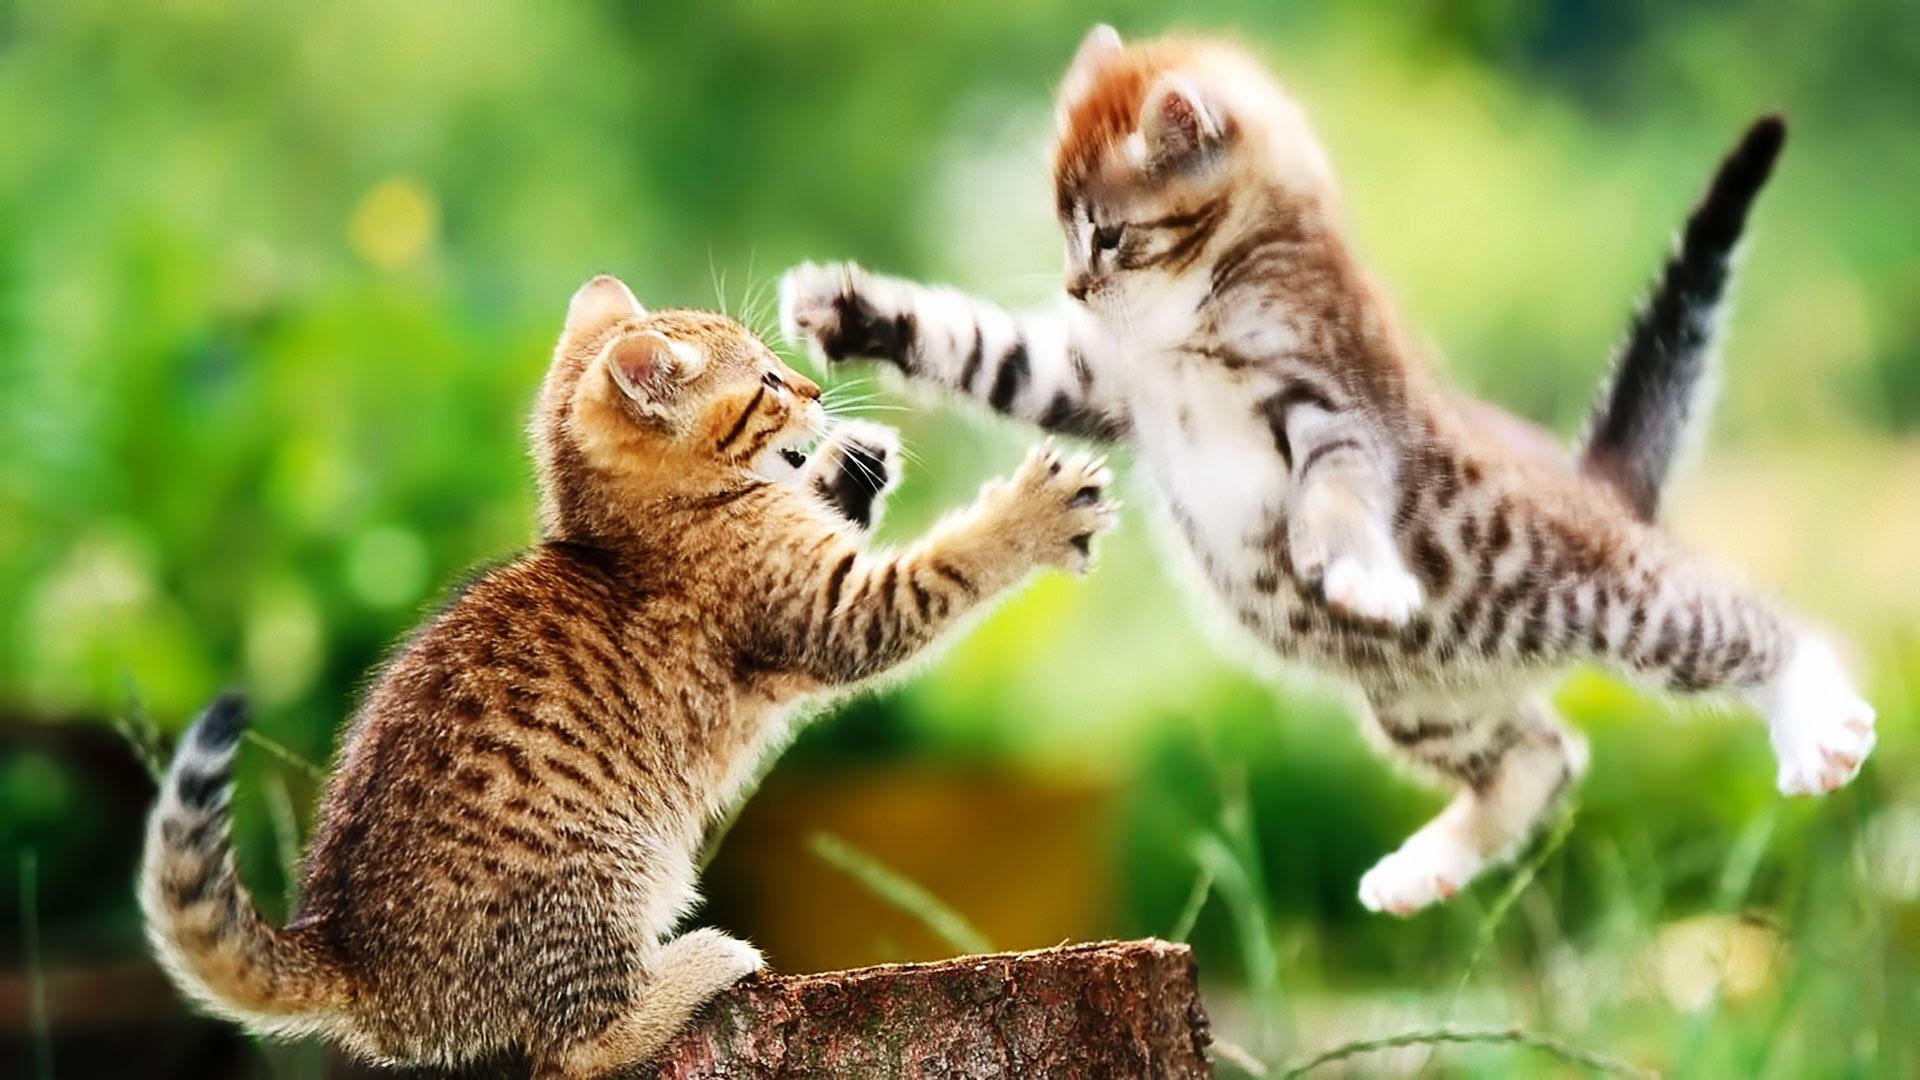 かわいい猫のデスクトップ壁紙画像まとめ【フルHD(1920x1080  - デスクトップ 壁紙 動物